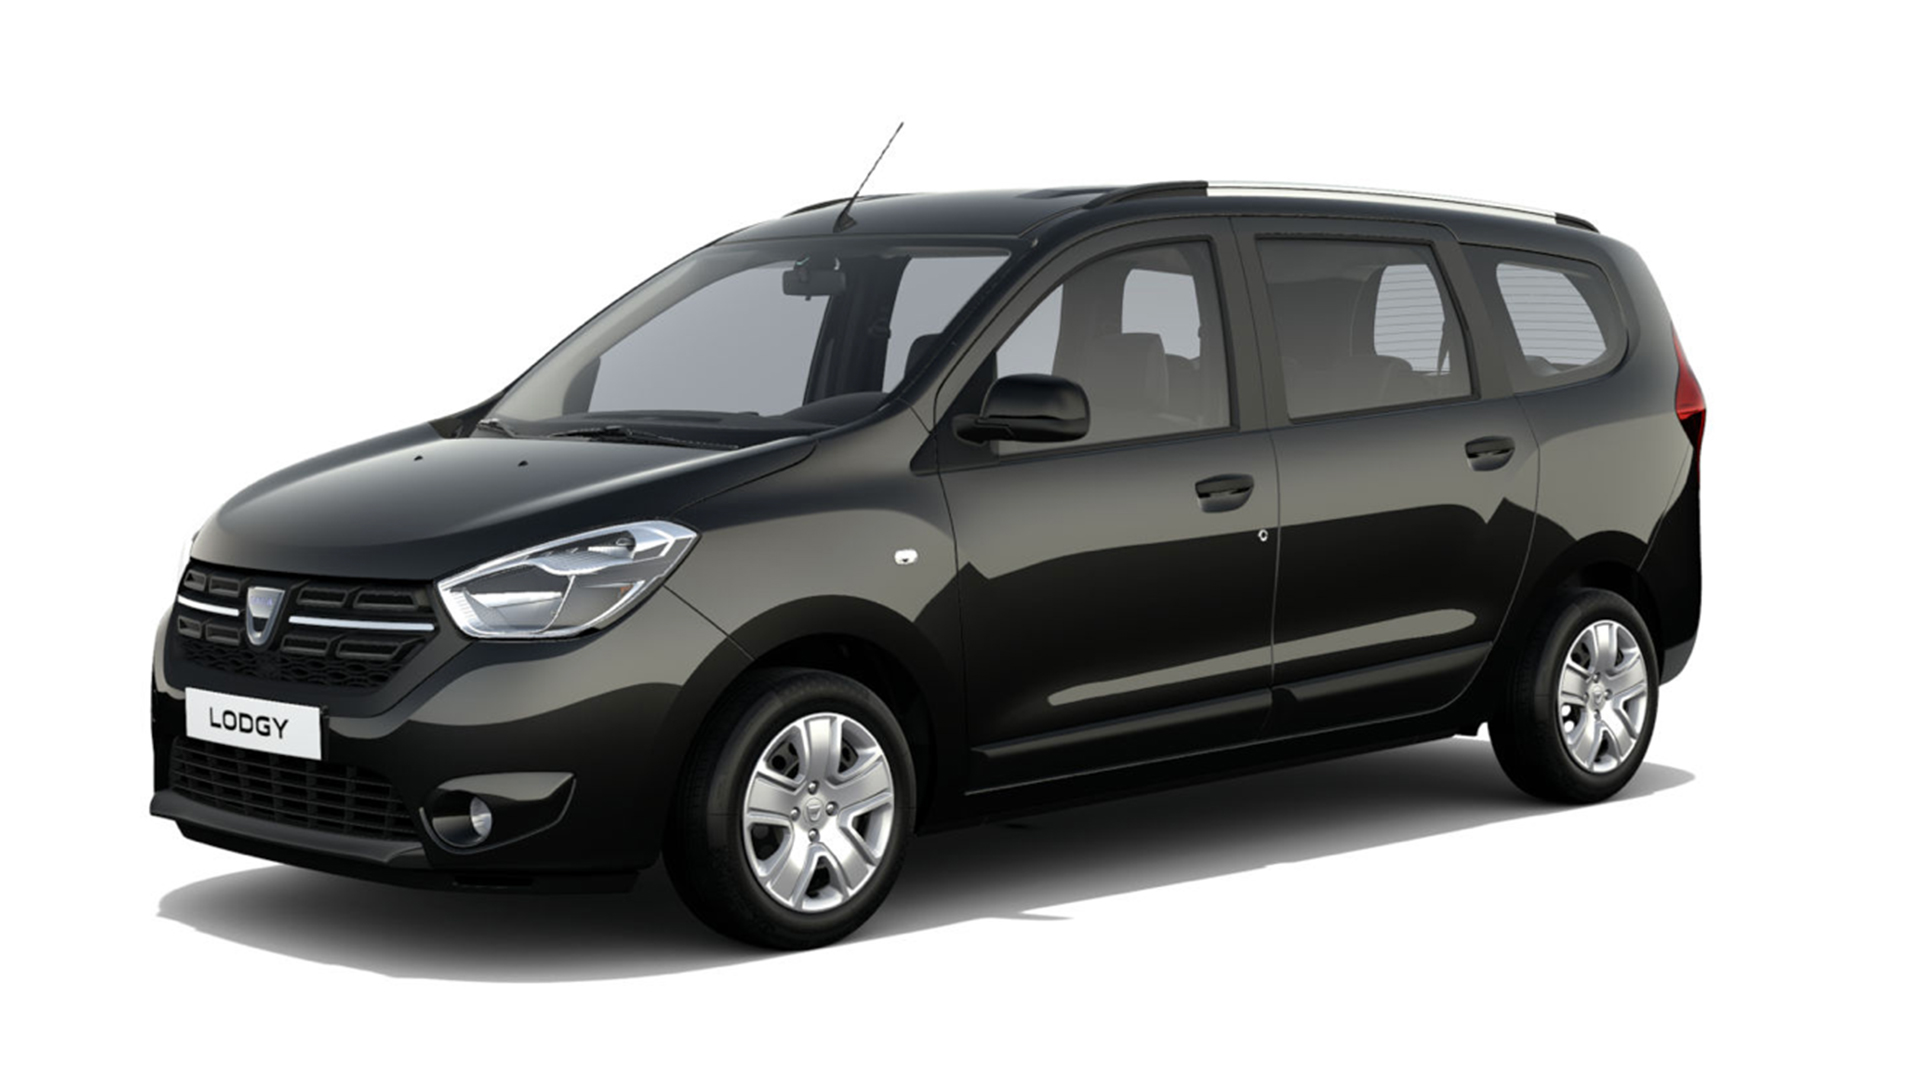 El Dacia Lodgy 2021 con motor diésel de 95 CV en oferta, por 180 euros al mes